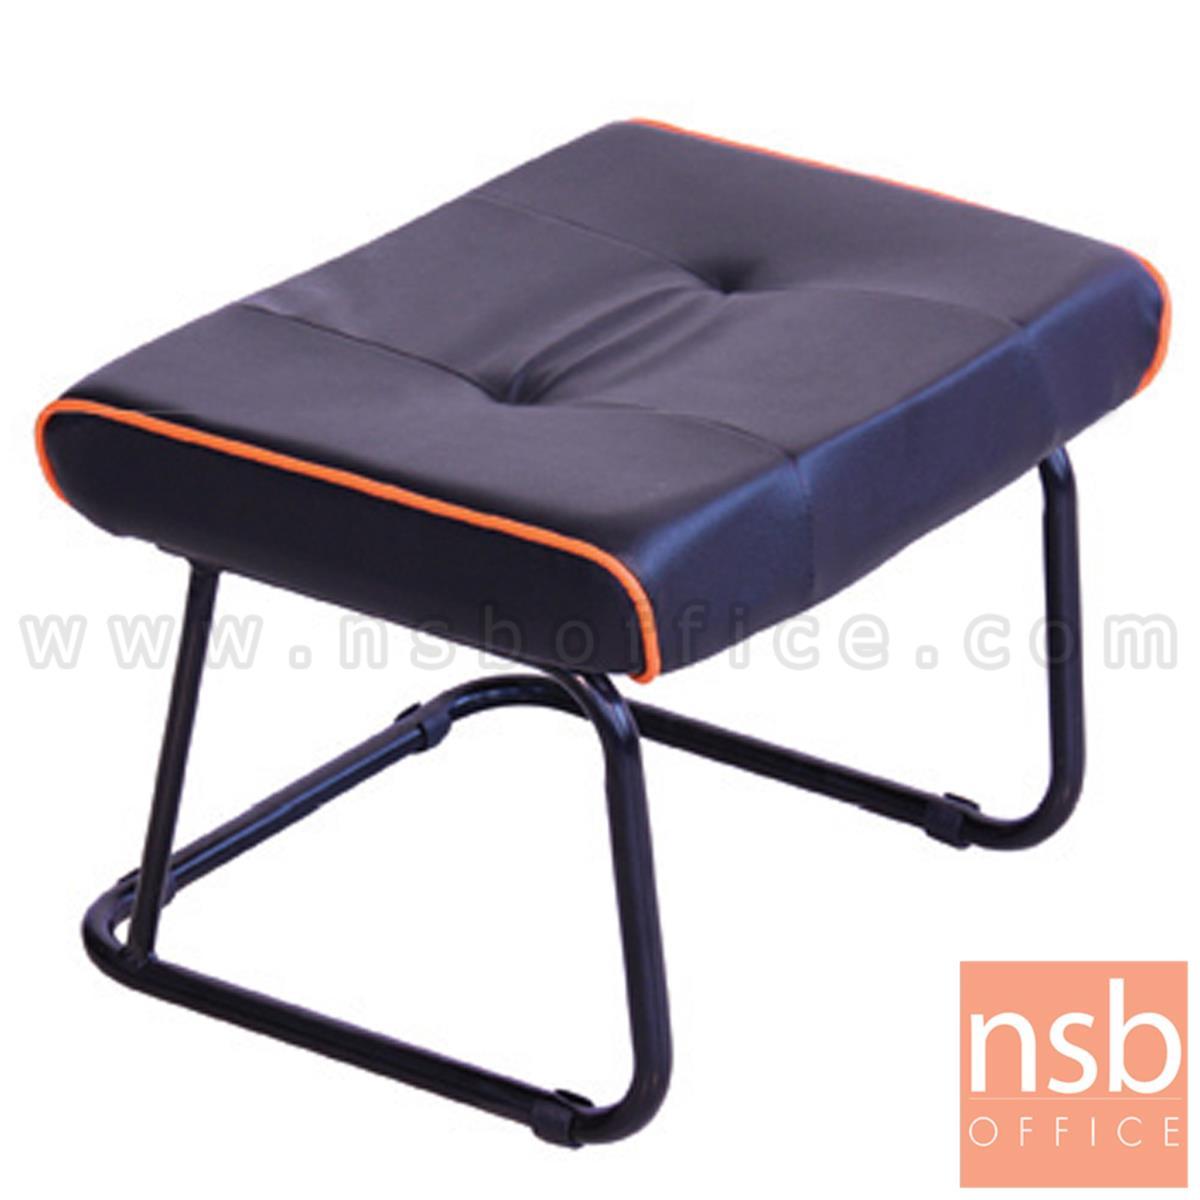 B15A065:เก้าอี้อเนกประสงค์ รุ่น Magnum (แม็กนัม) ขนาด 55W*40D*40H cm. ขาเหล็ก